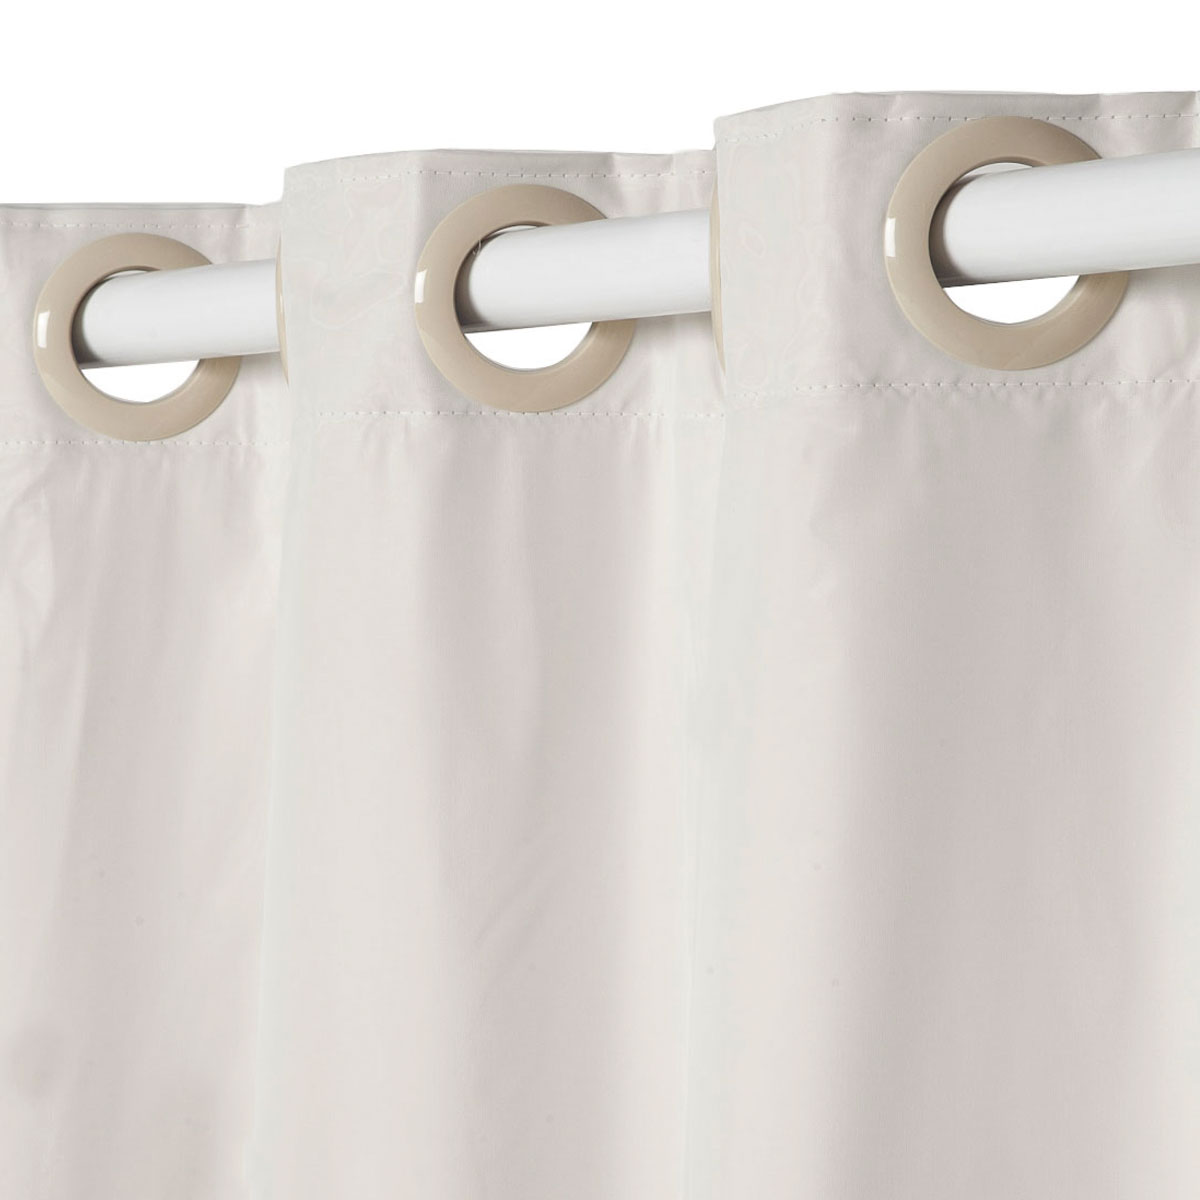 Cortina Blackout Pratika Lisa Slim Marfim 3,60 X 2,50 Bella Janela